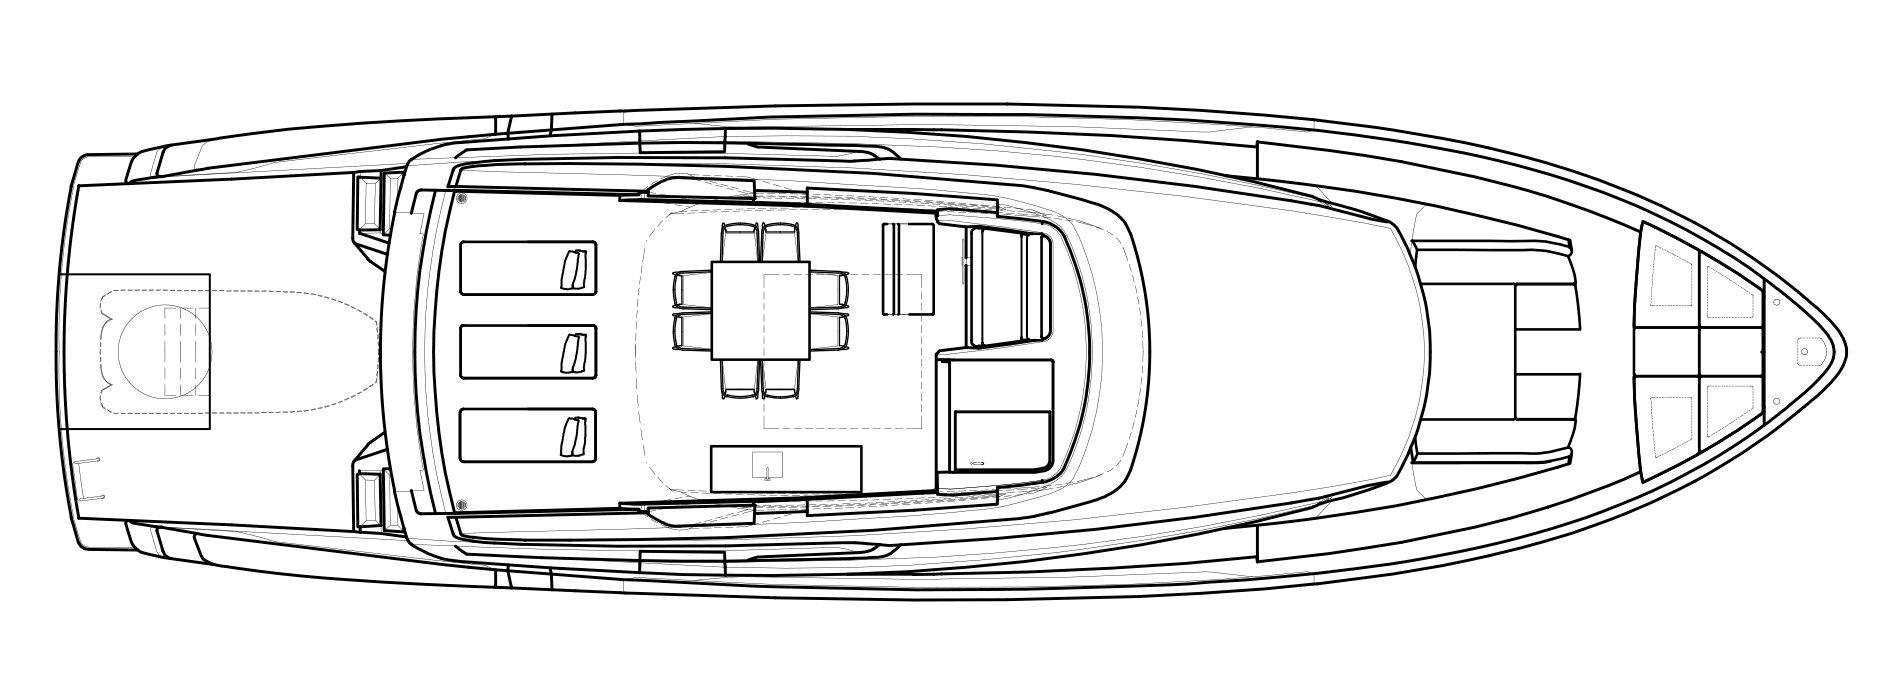 Sanlorenzo Yachts SX76 Außendeck Versione A